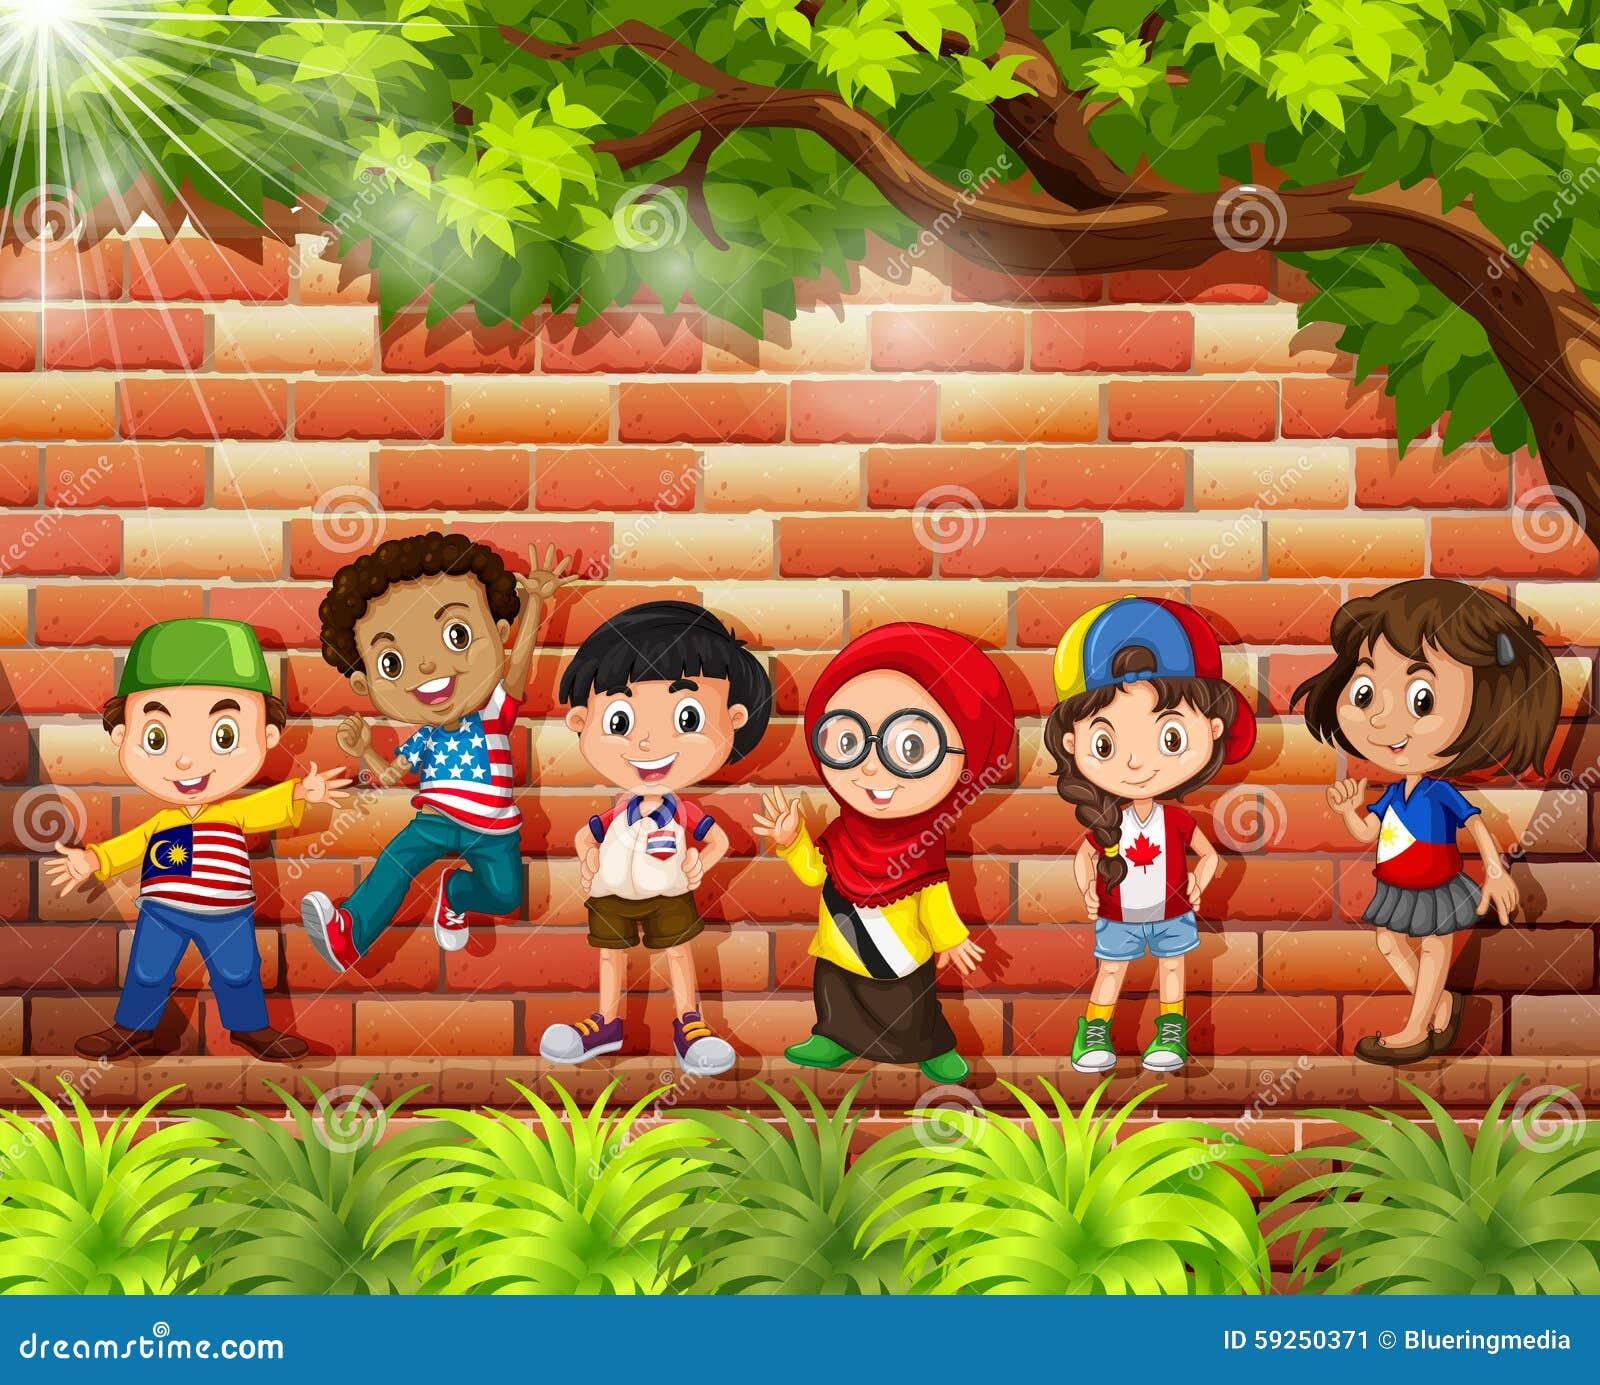 Bambini dai paesi differenti che stanno sotto l albero